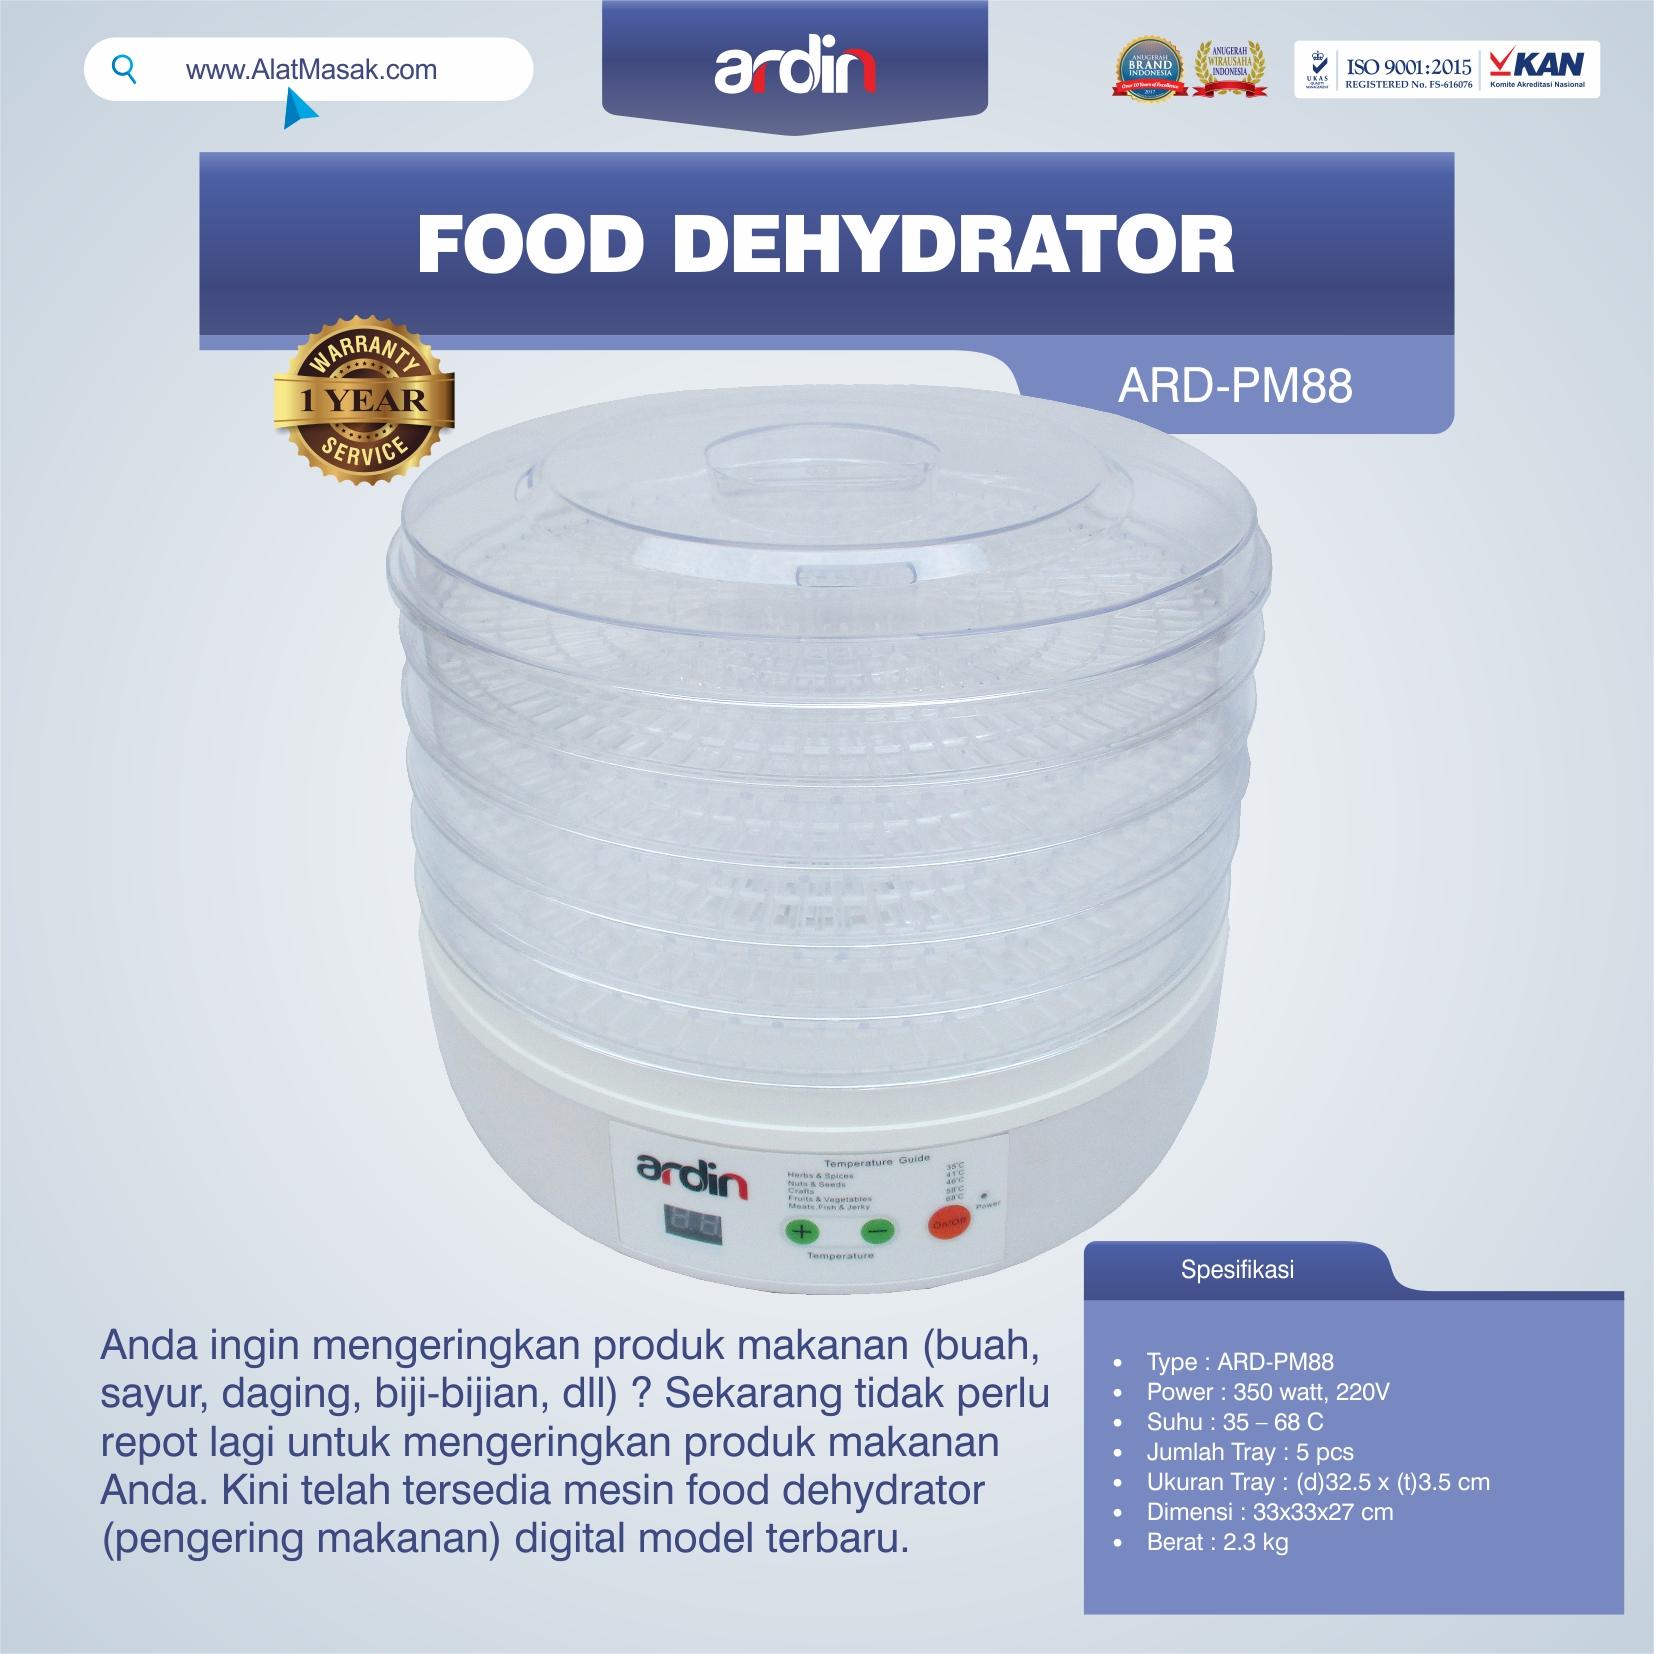 Jual Food Dehydrator ARD-PM88 di Solo